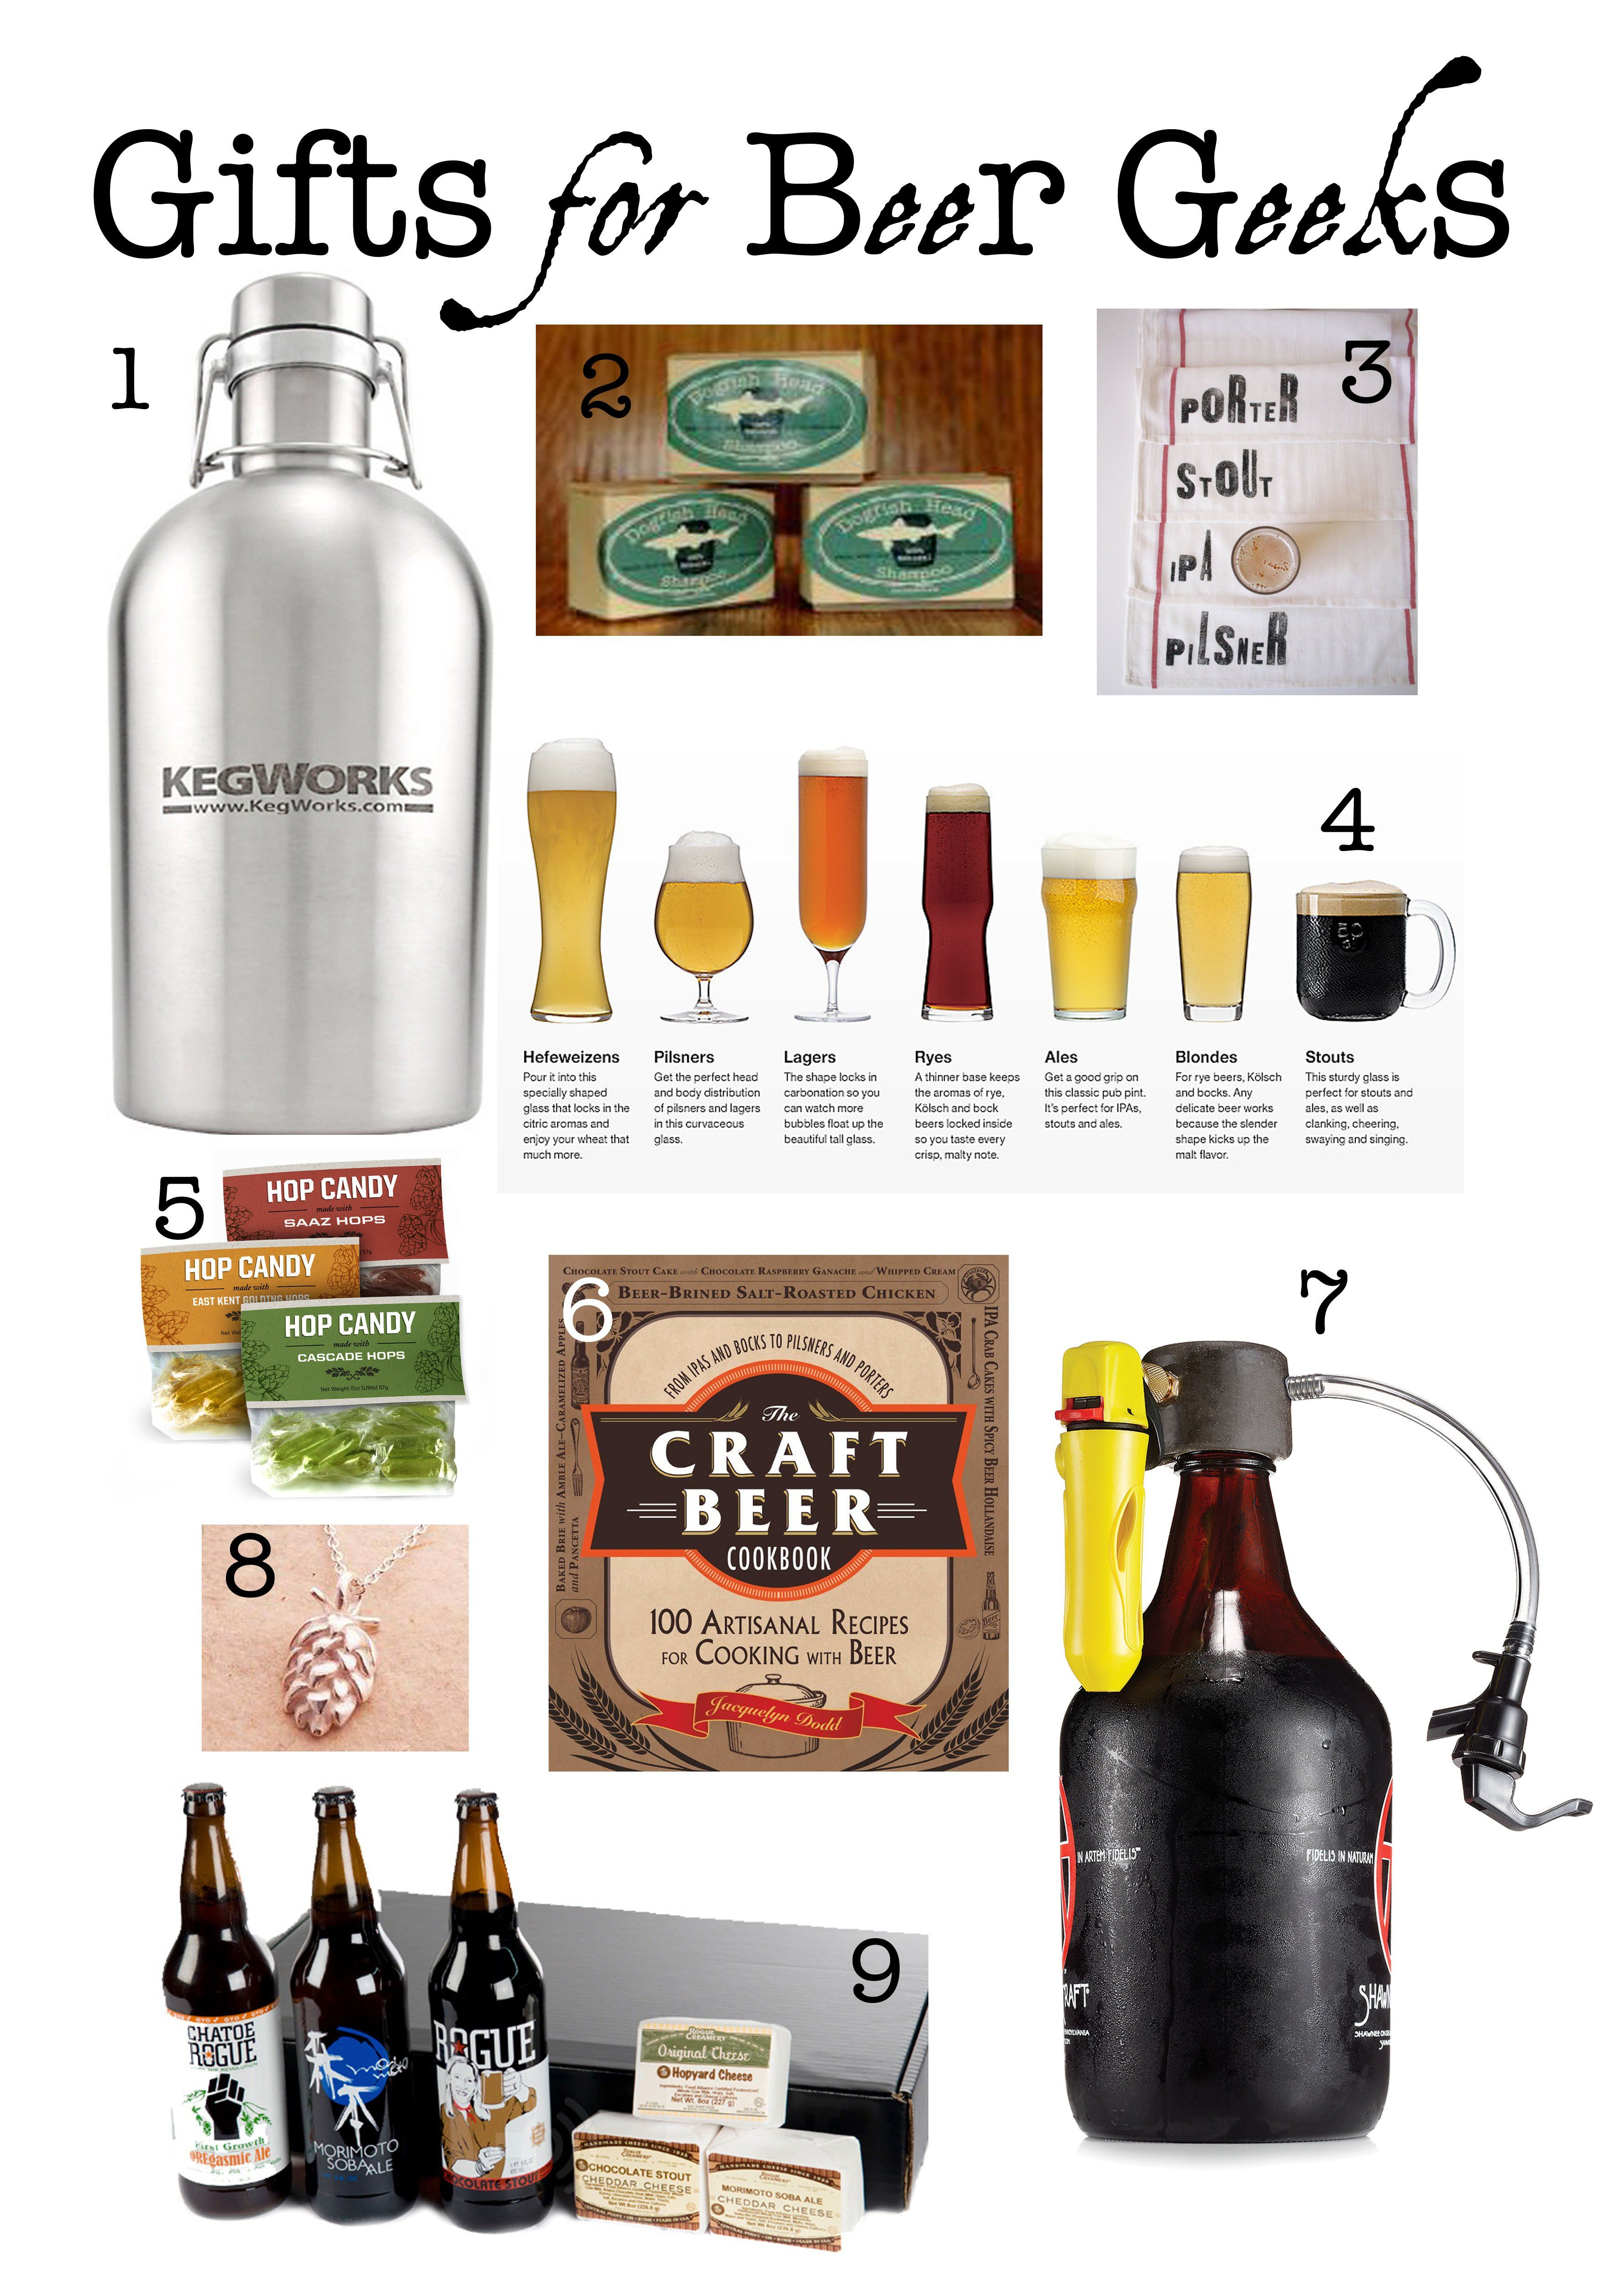 9 Gifts for Beer Geeks | Beer, Brewing beer and Beer brewing